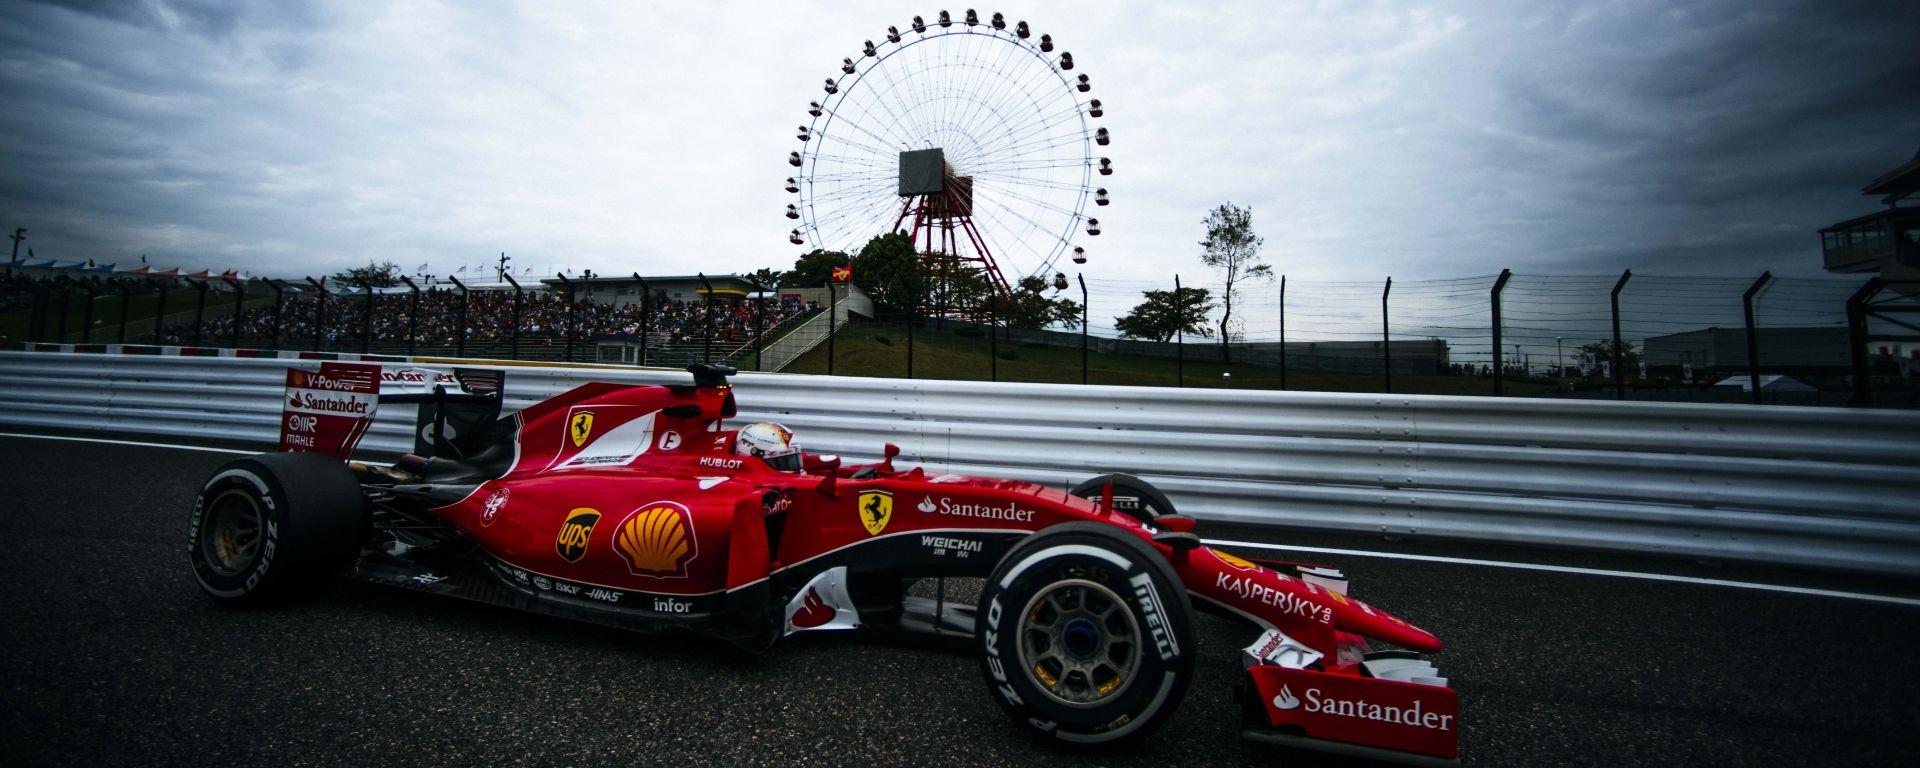 Scuderia Ferrari - Circuito di Suzuka, Giappone